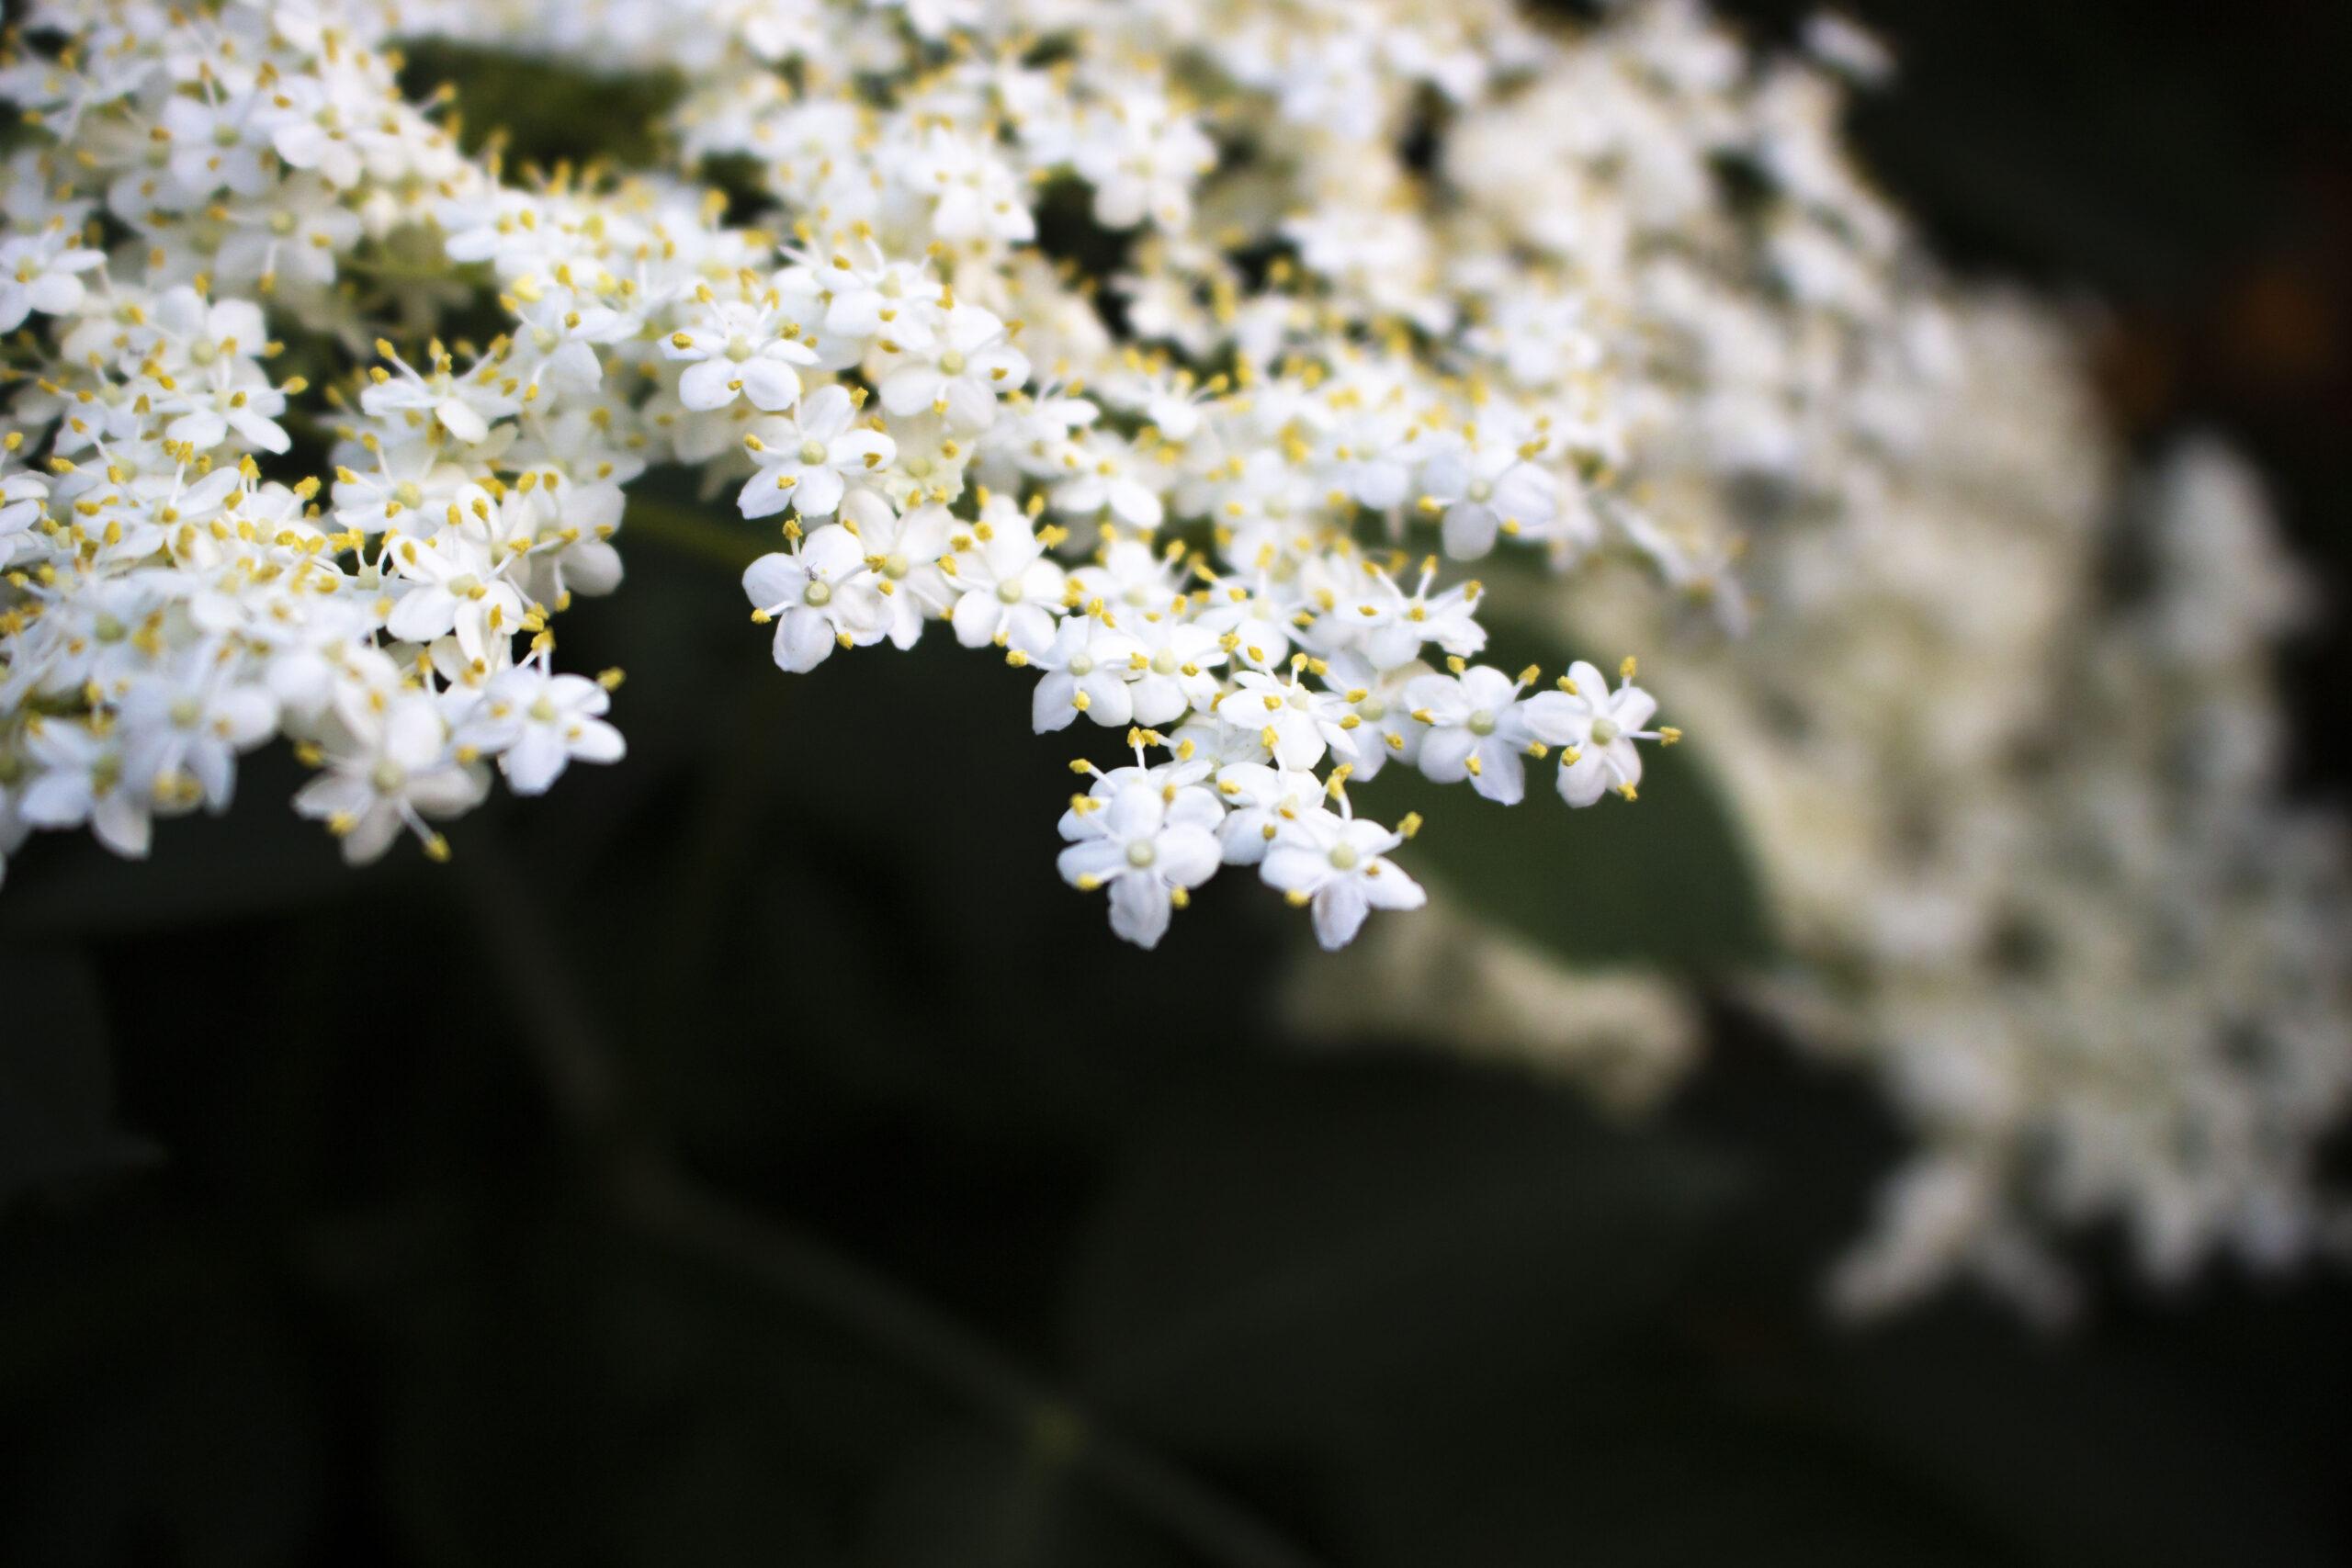 Havens hyldebuske & hyldetræer – En ganske særlig duft